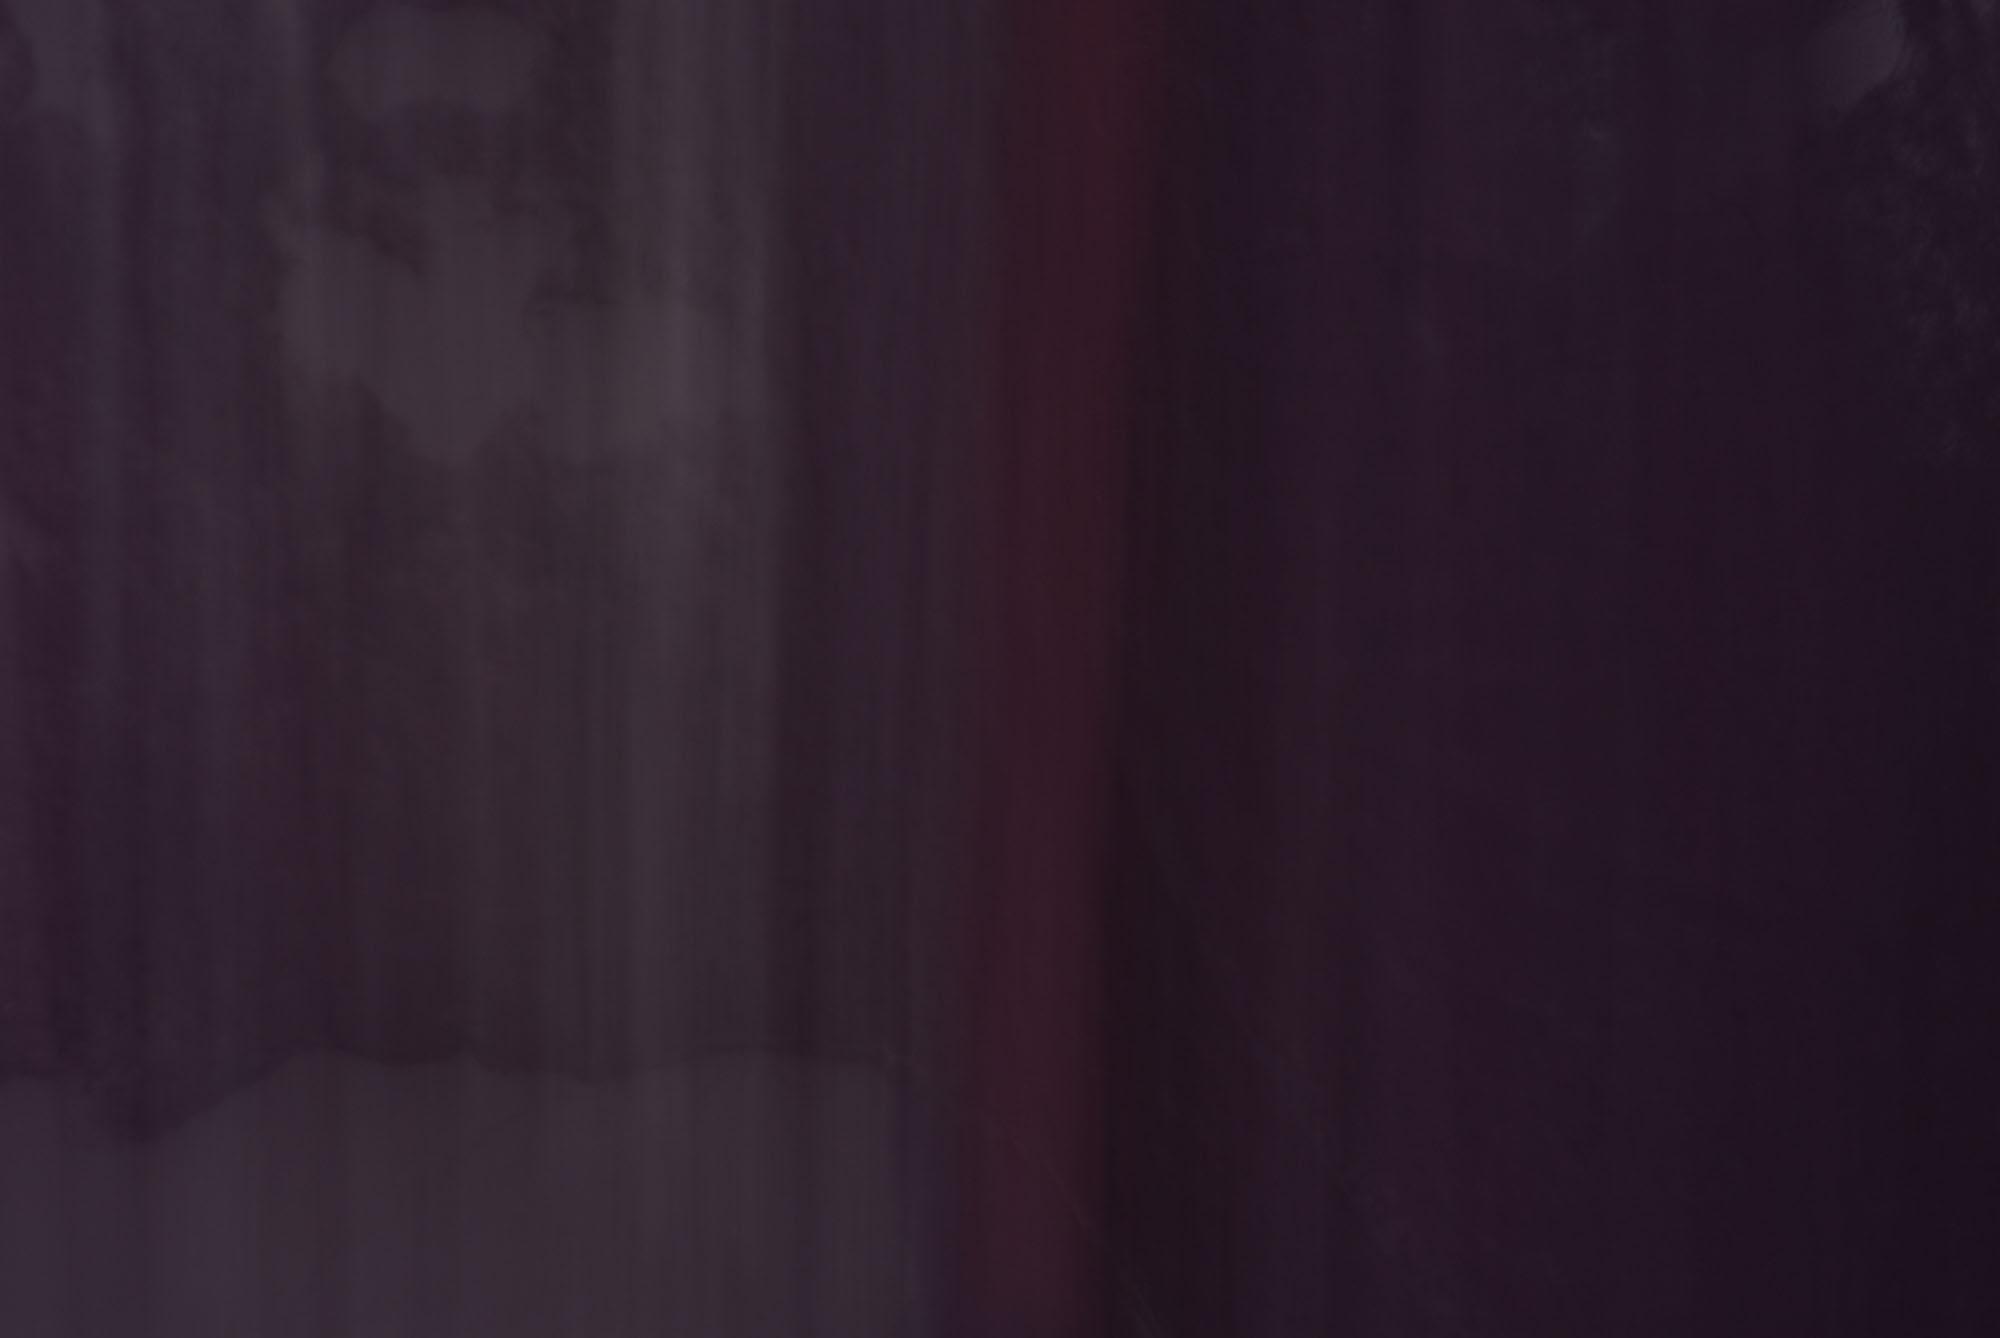 Foto van vage paarse vormen met rood